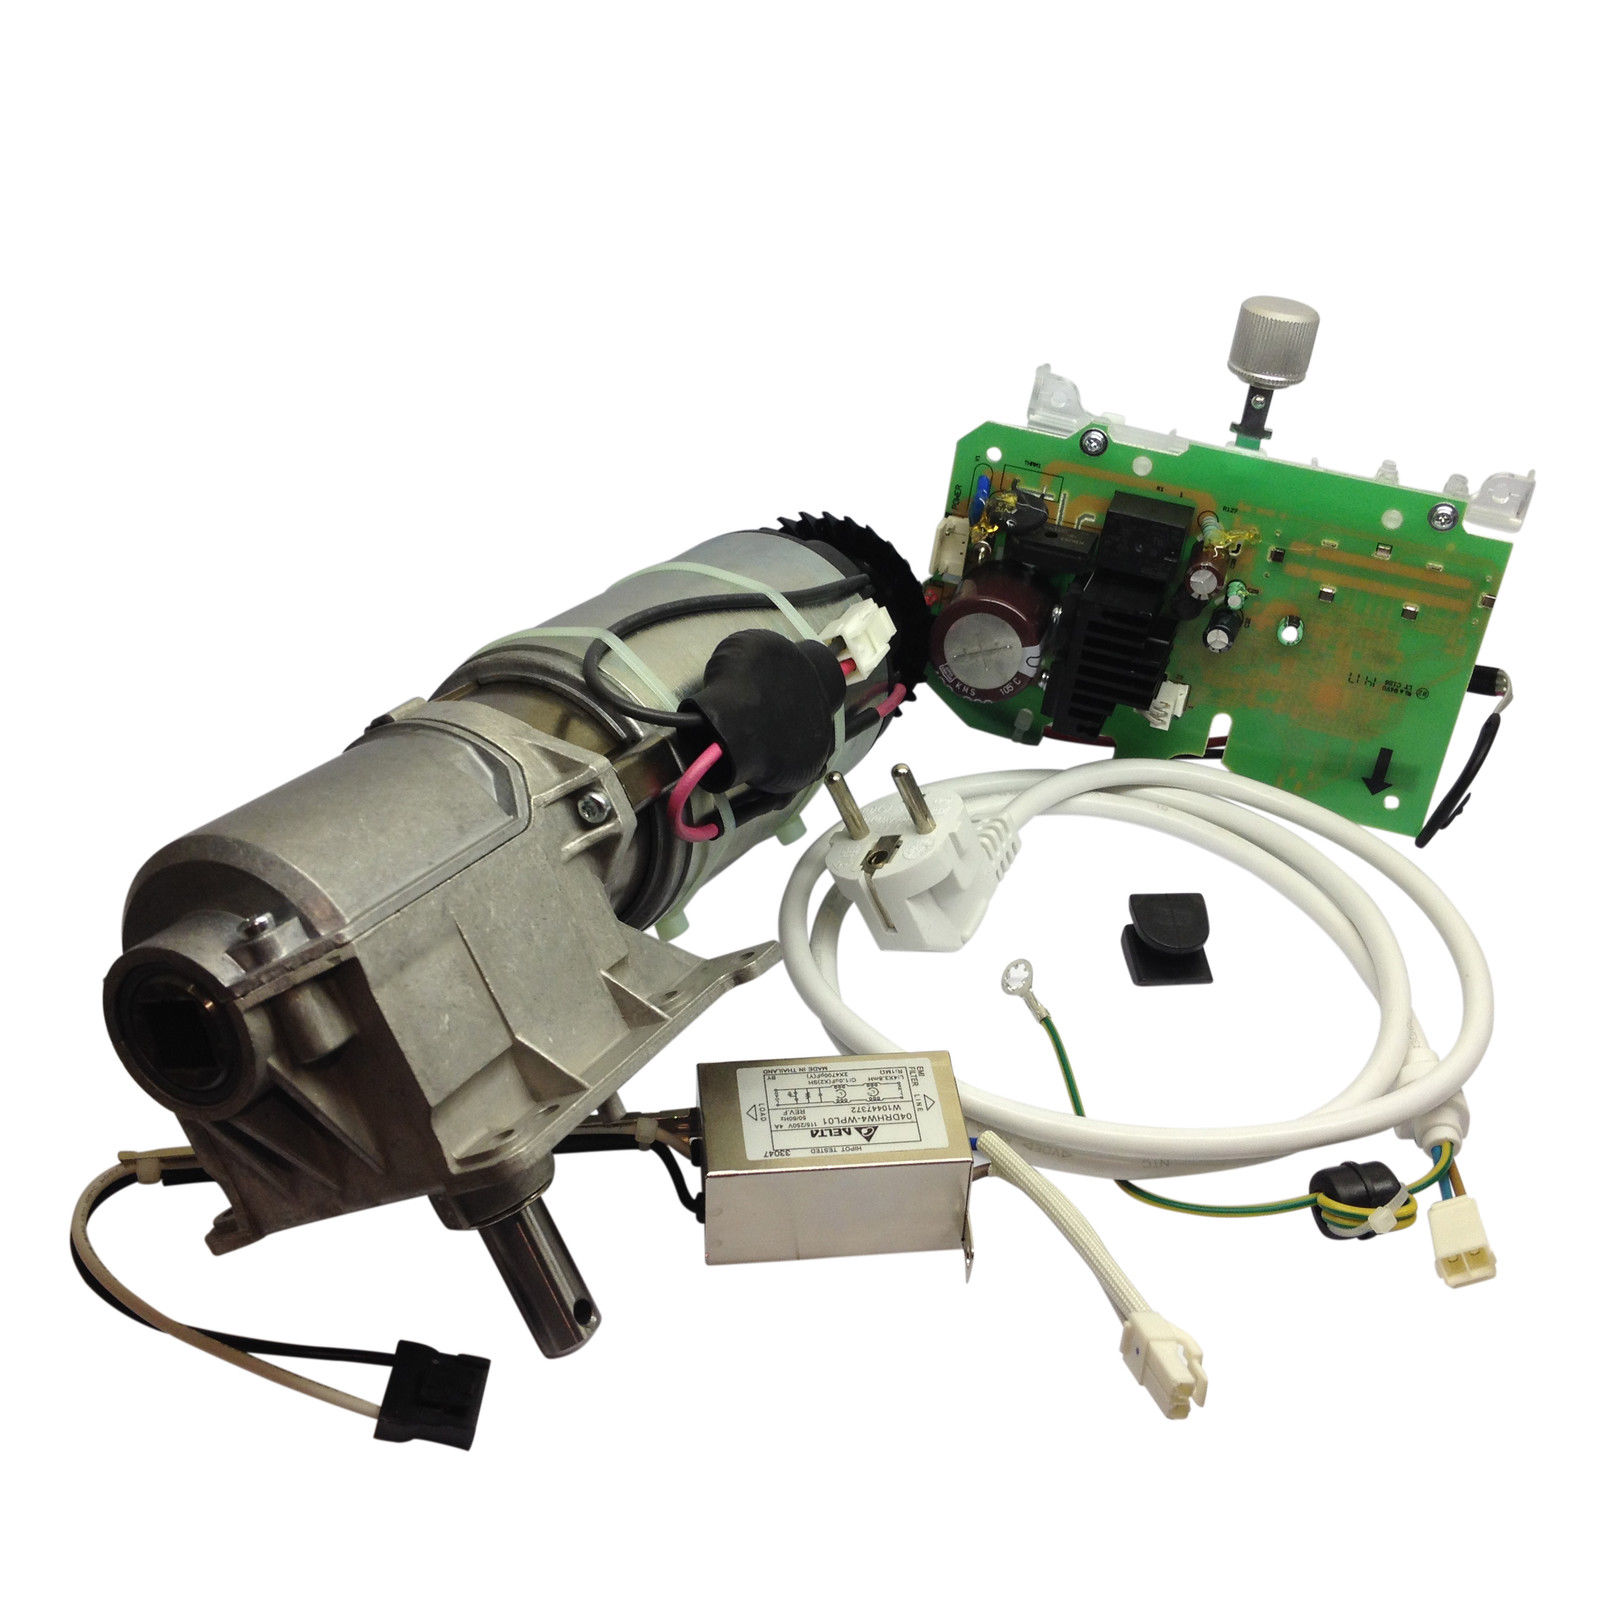 Kitchenaid artisan proline 7qt stand mixer conversion kit us 110v to eu 220 240v white lead - Kitchenaid artisan stand mixer parts ...